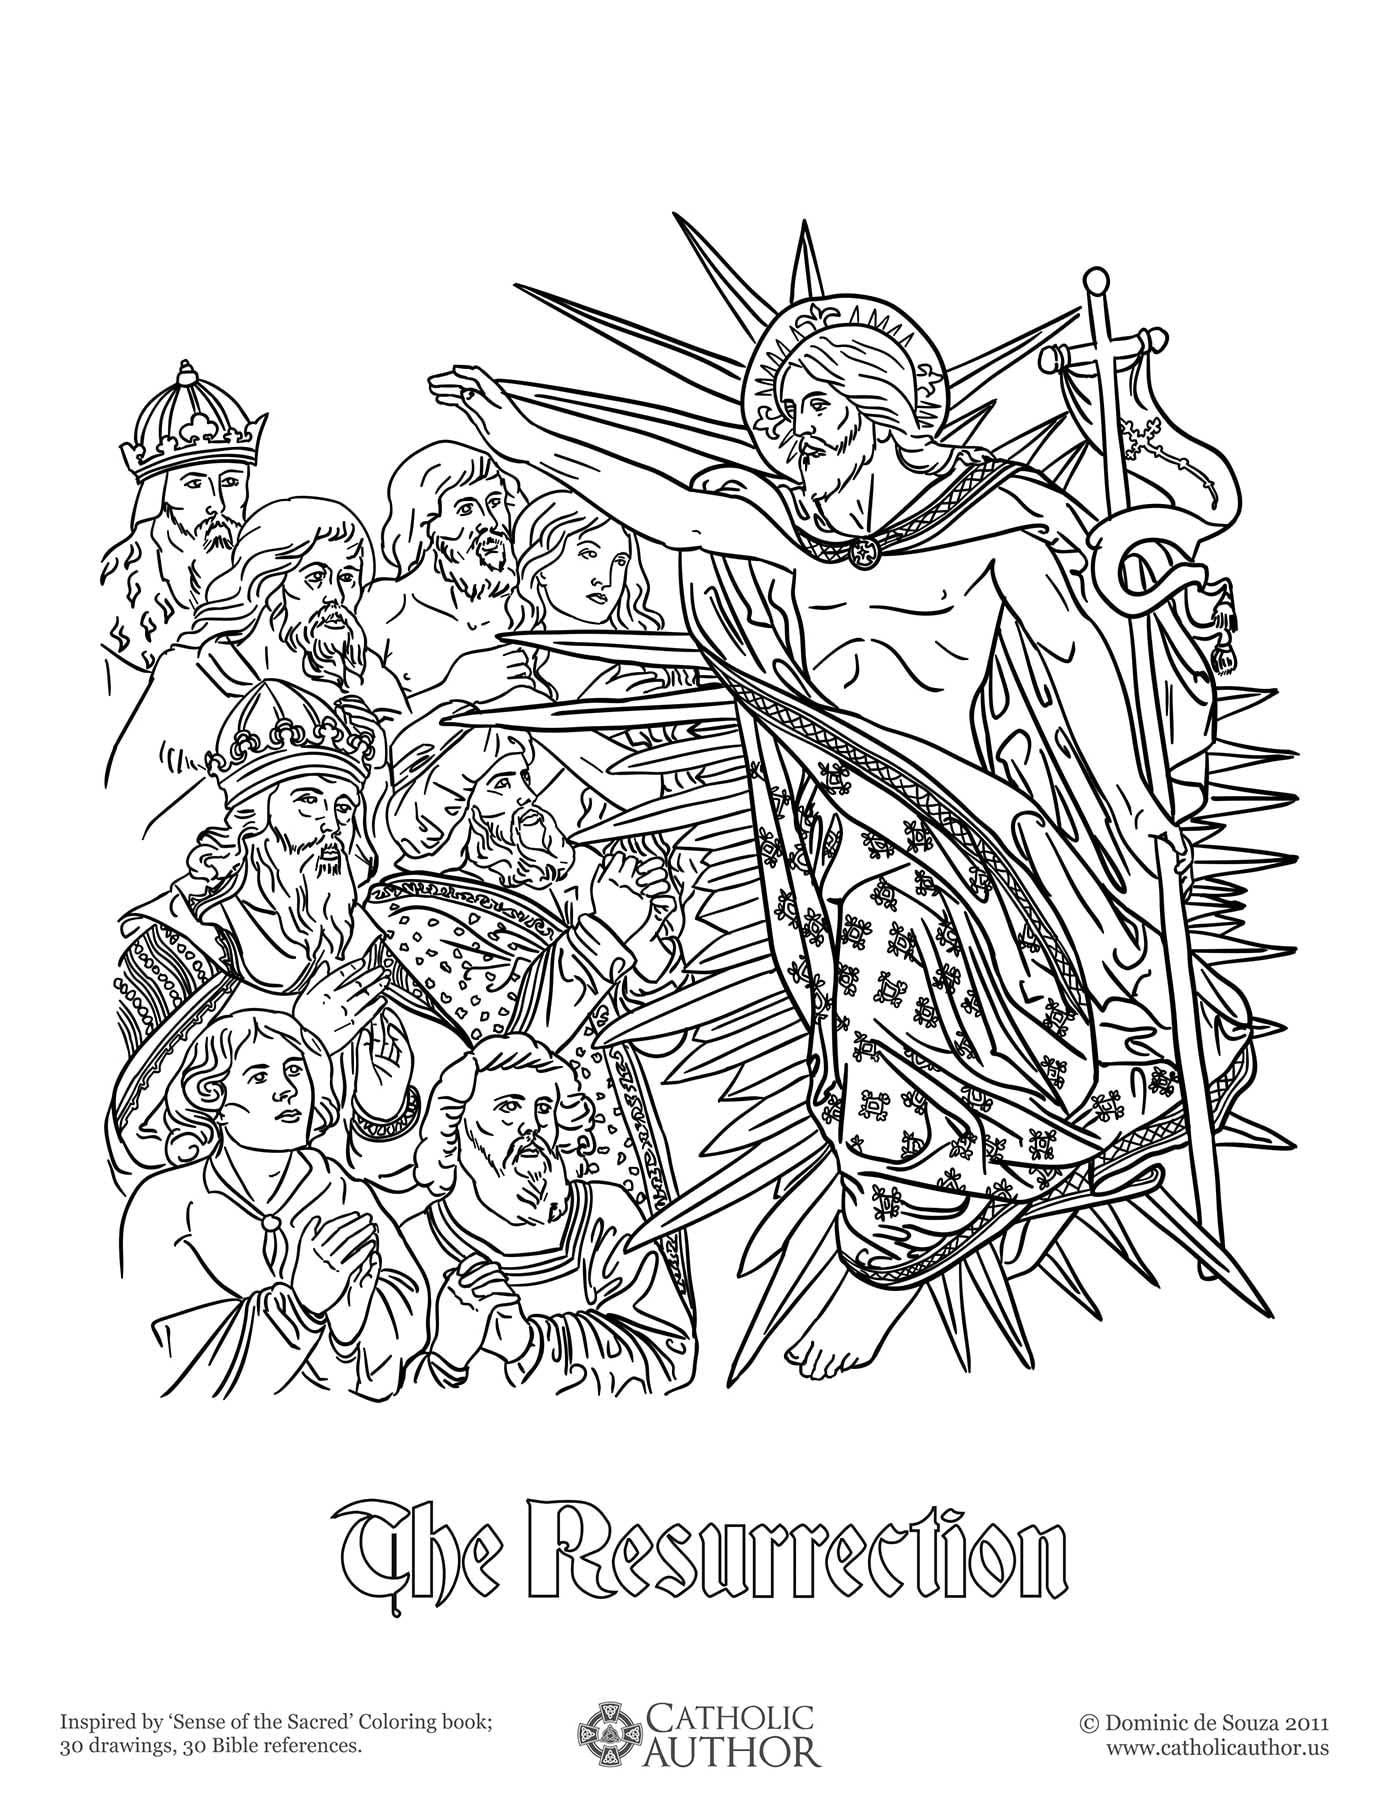 Free Hand Drawn Catholic Coloring CatholicViral